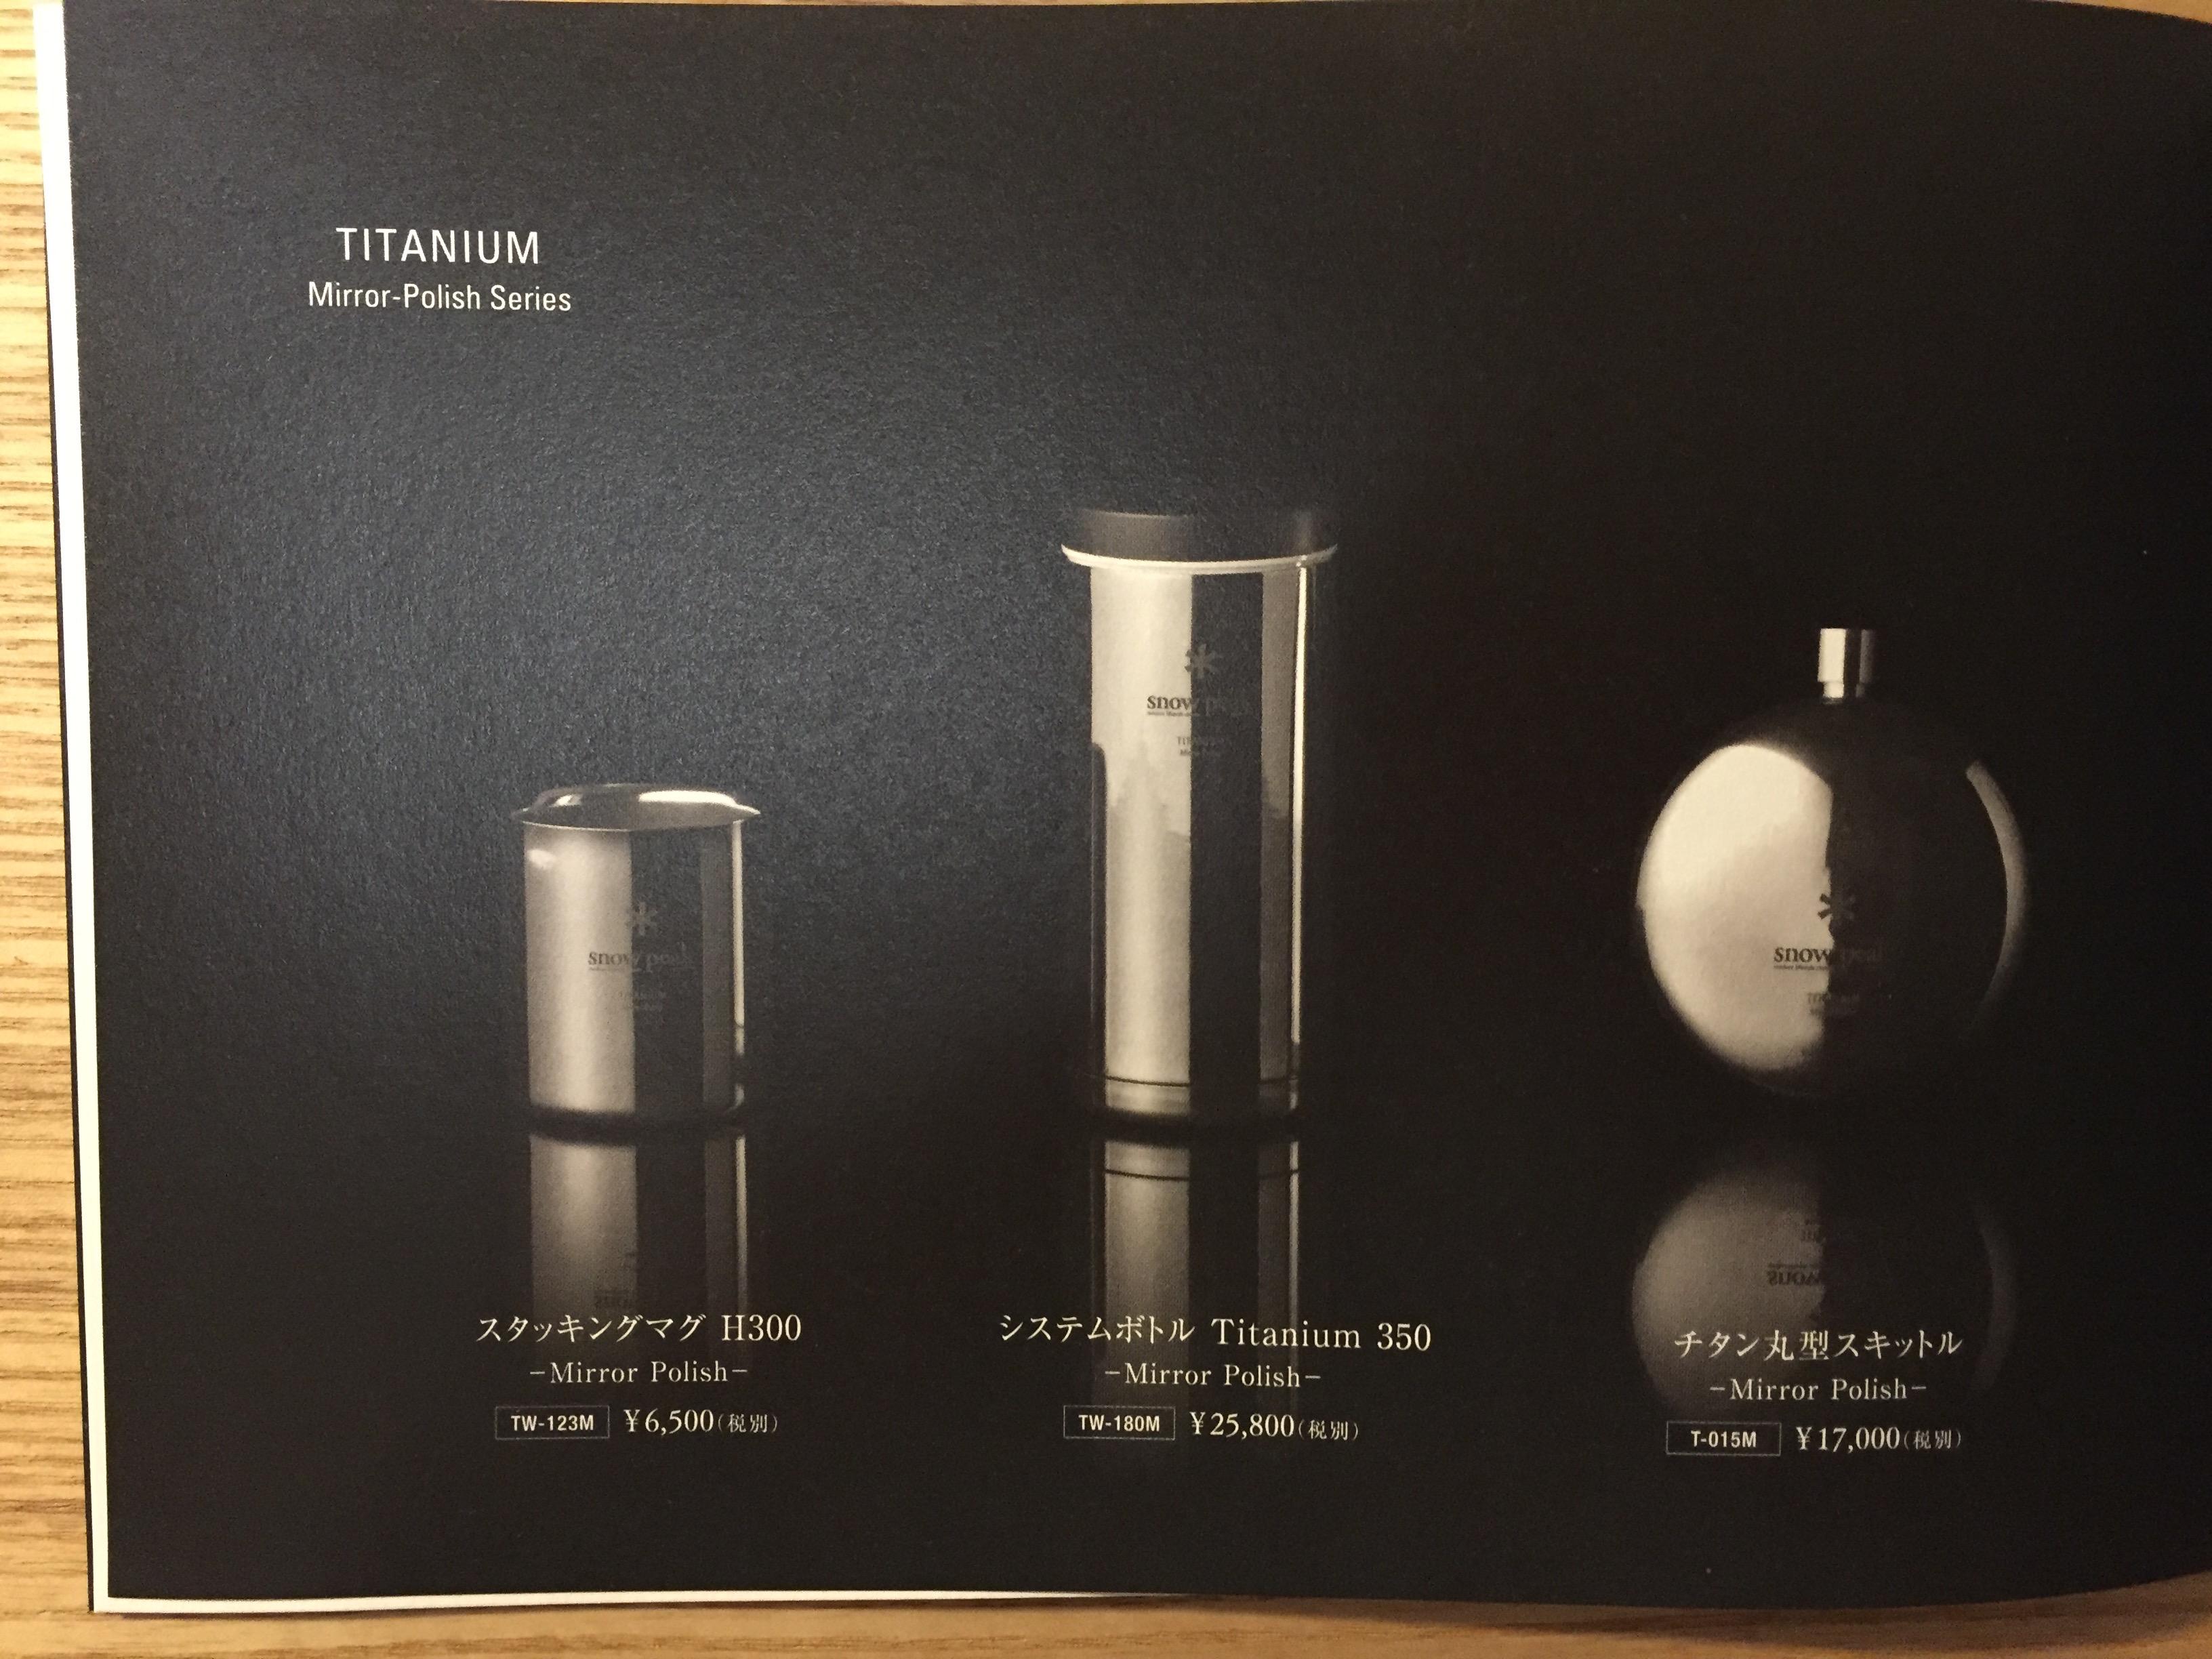 スノーピーク(7816) の株主優待限定販売商品。チタニウムミラーポリッシュシリーズ